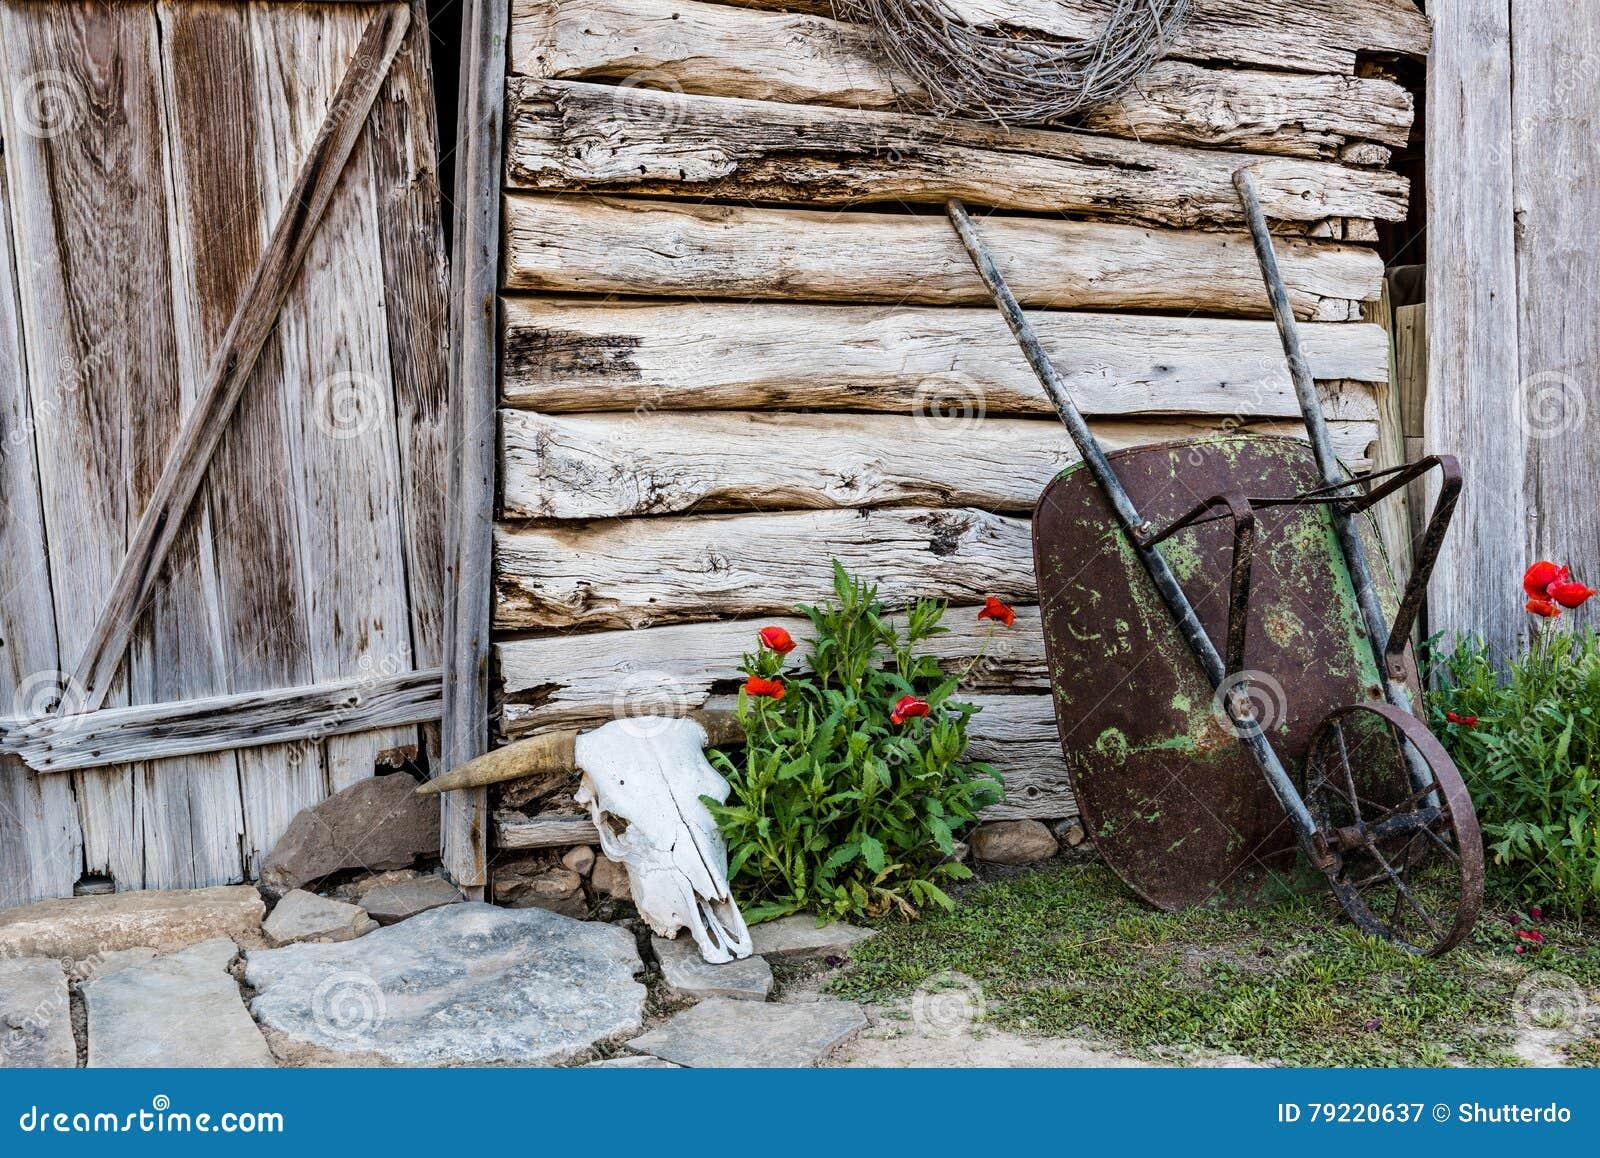 Old Barn with Wheelbarrel